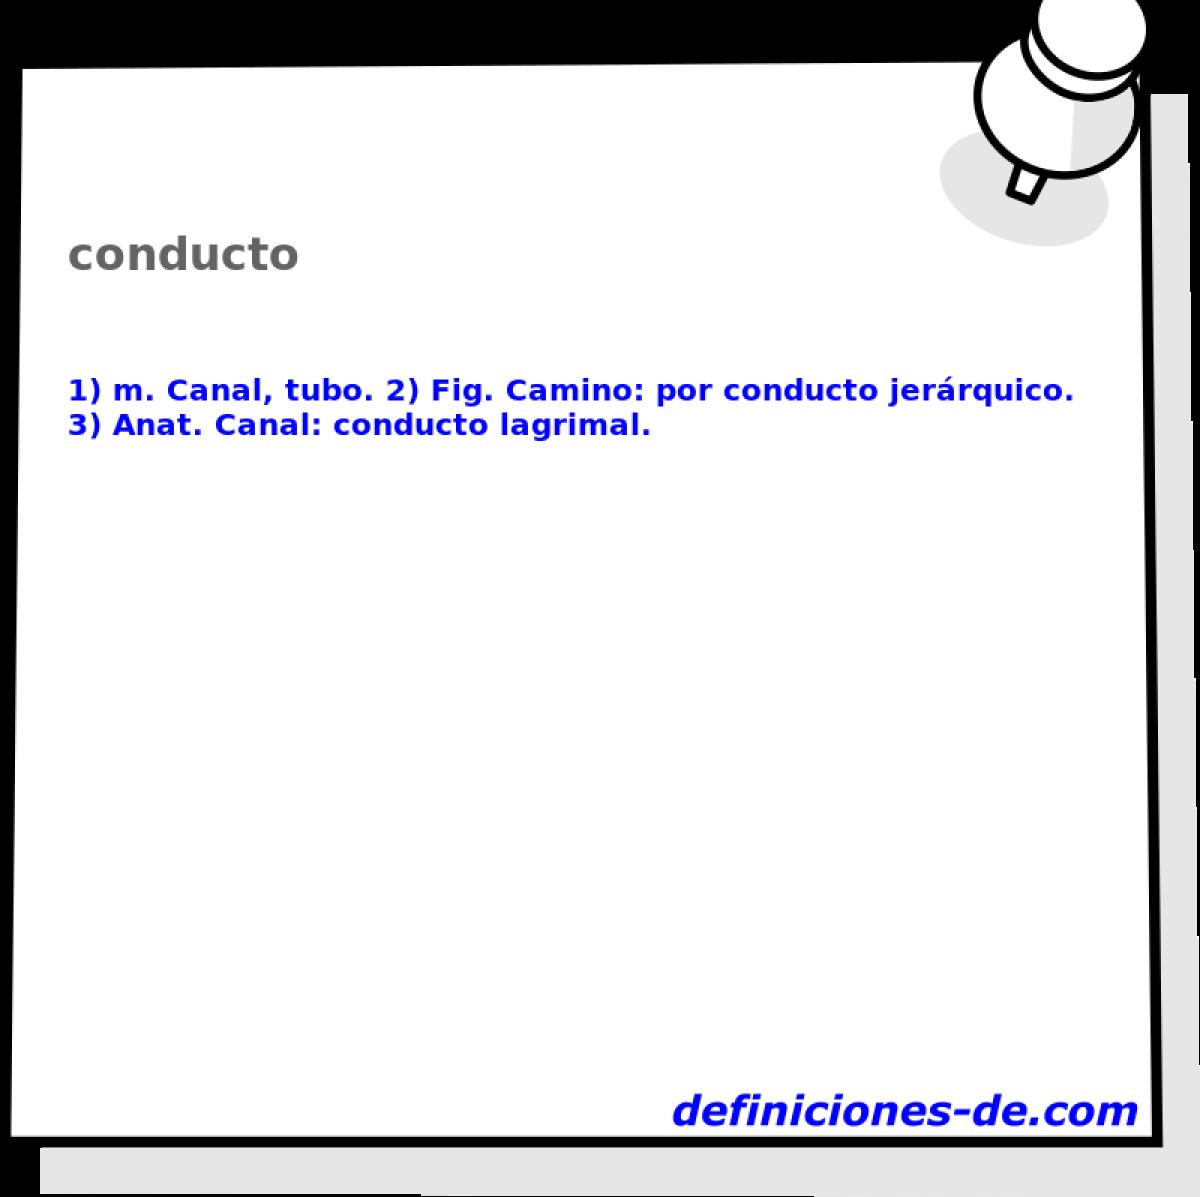 Qué significa Conducto?